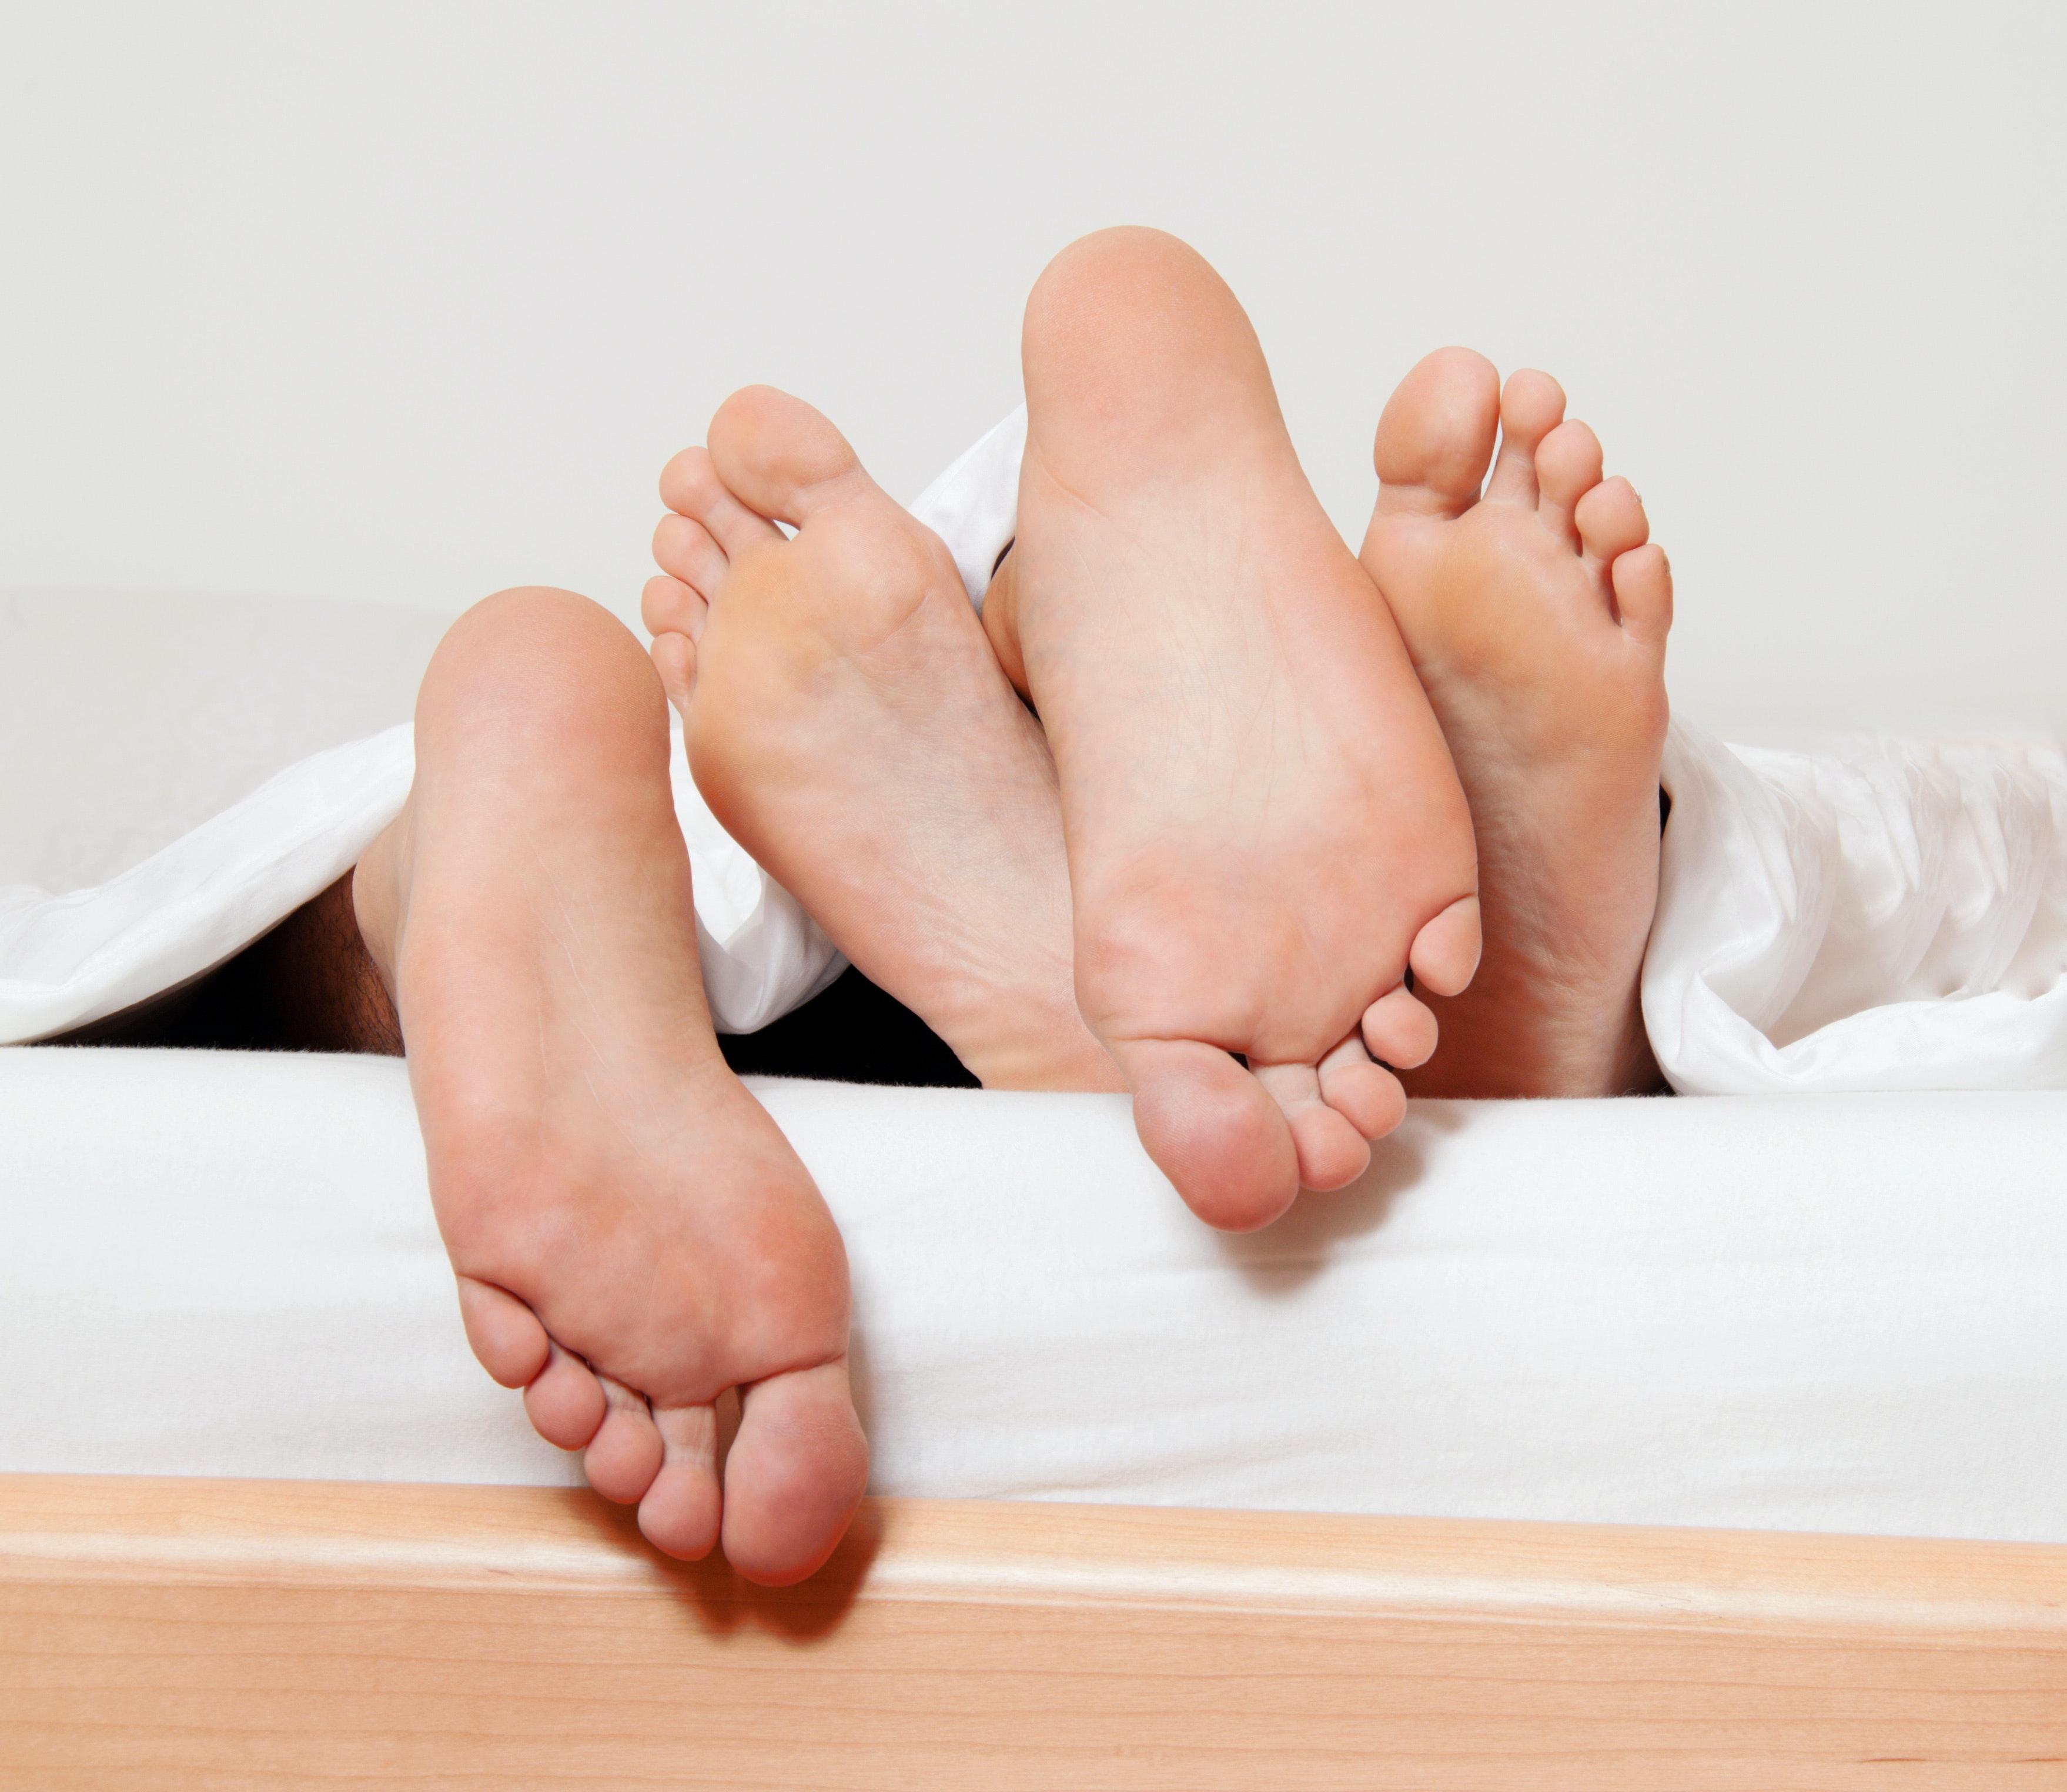 nainen ja mies sängyssä miten saada nainen ejakuloimaan